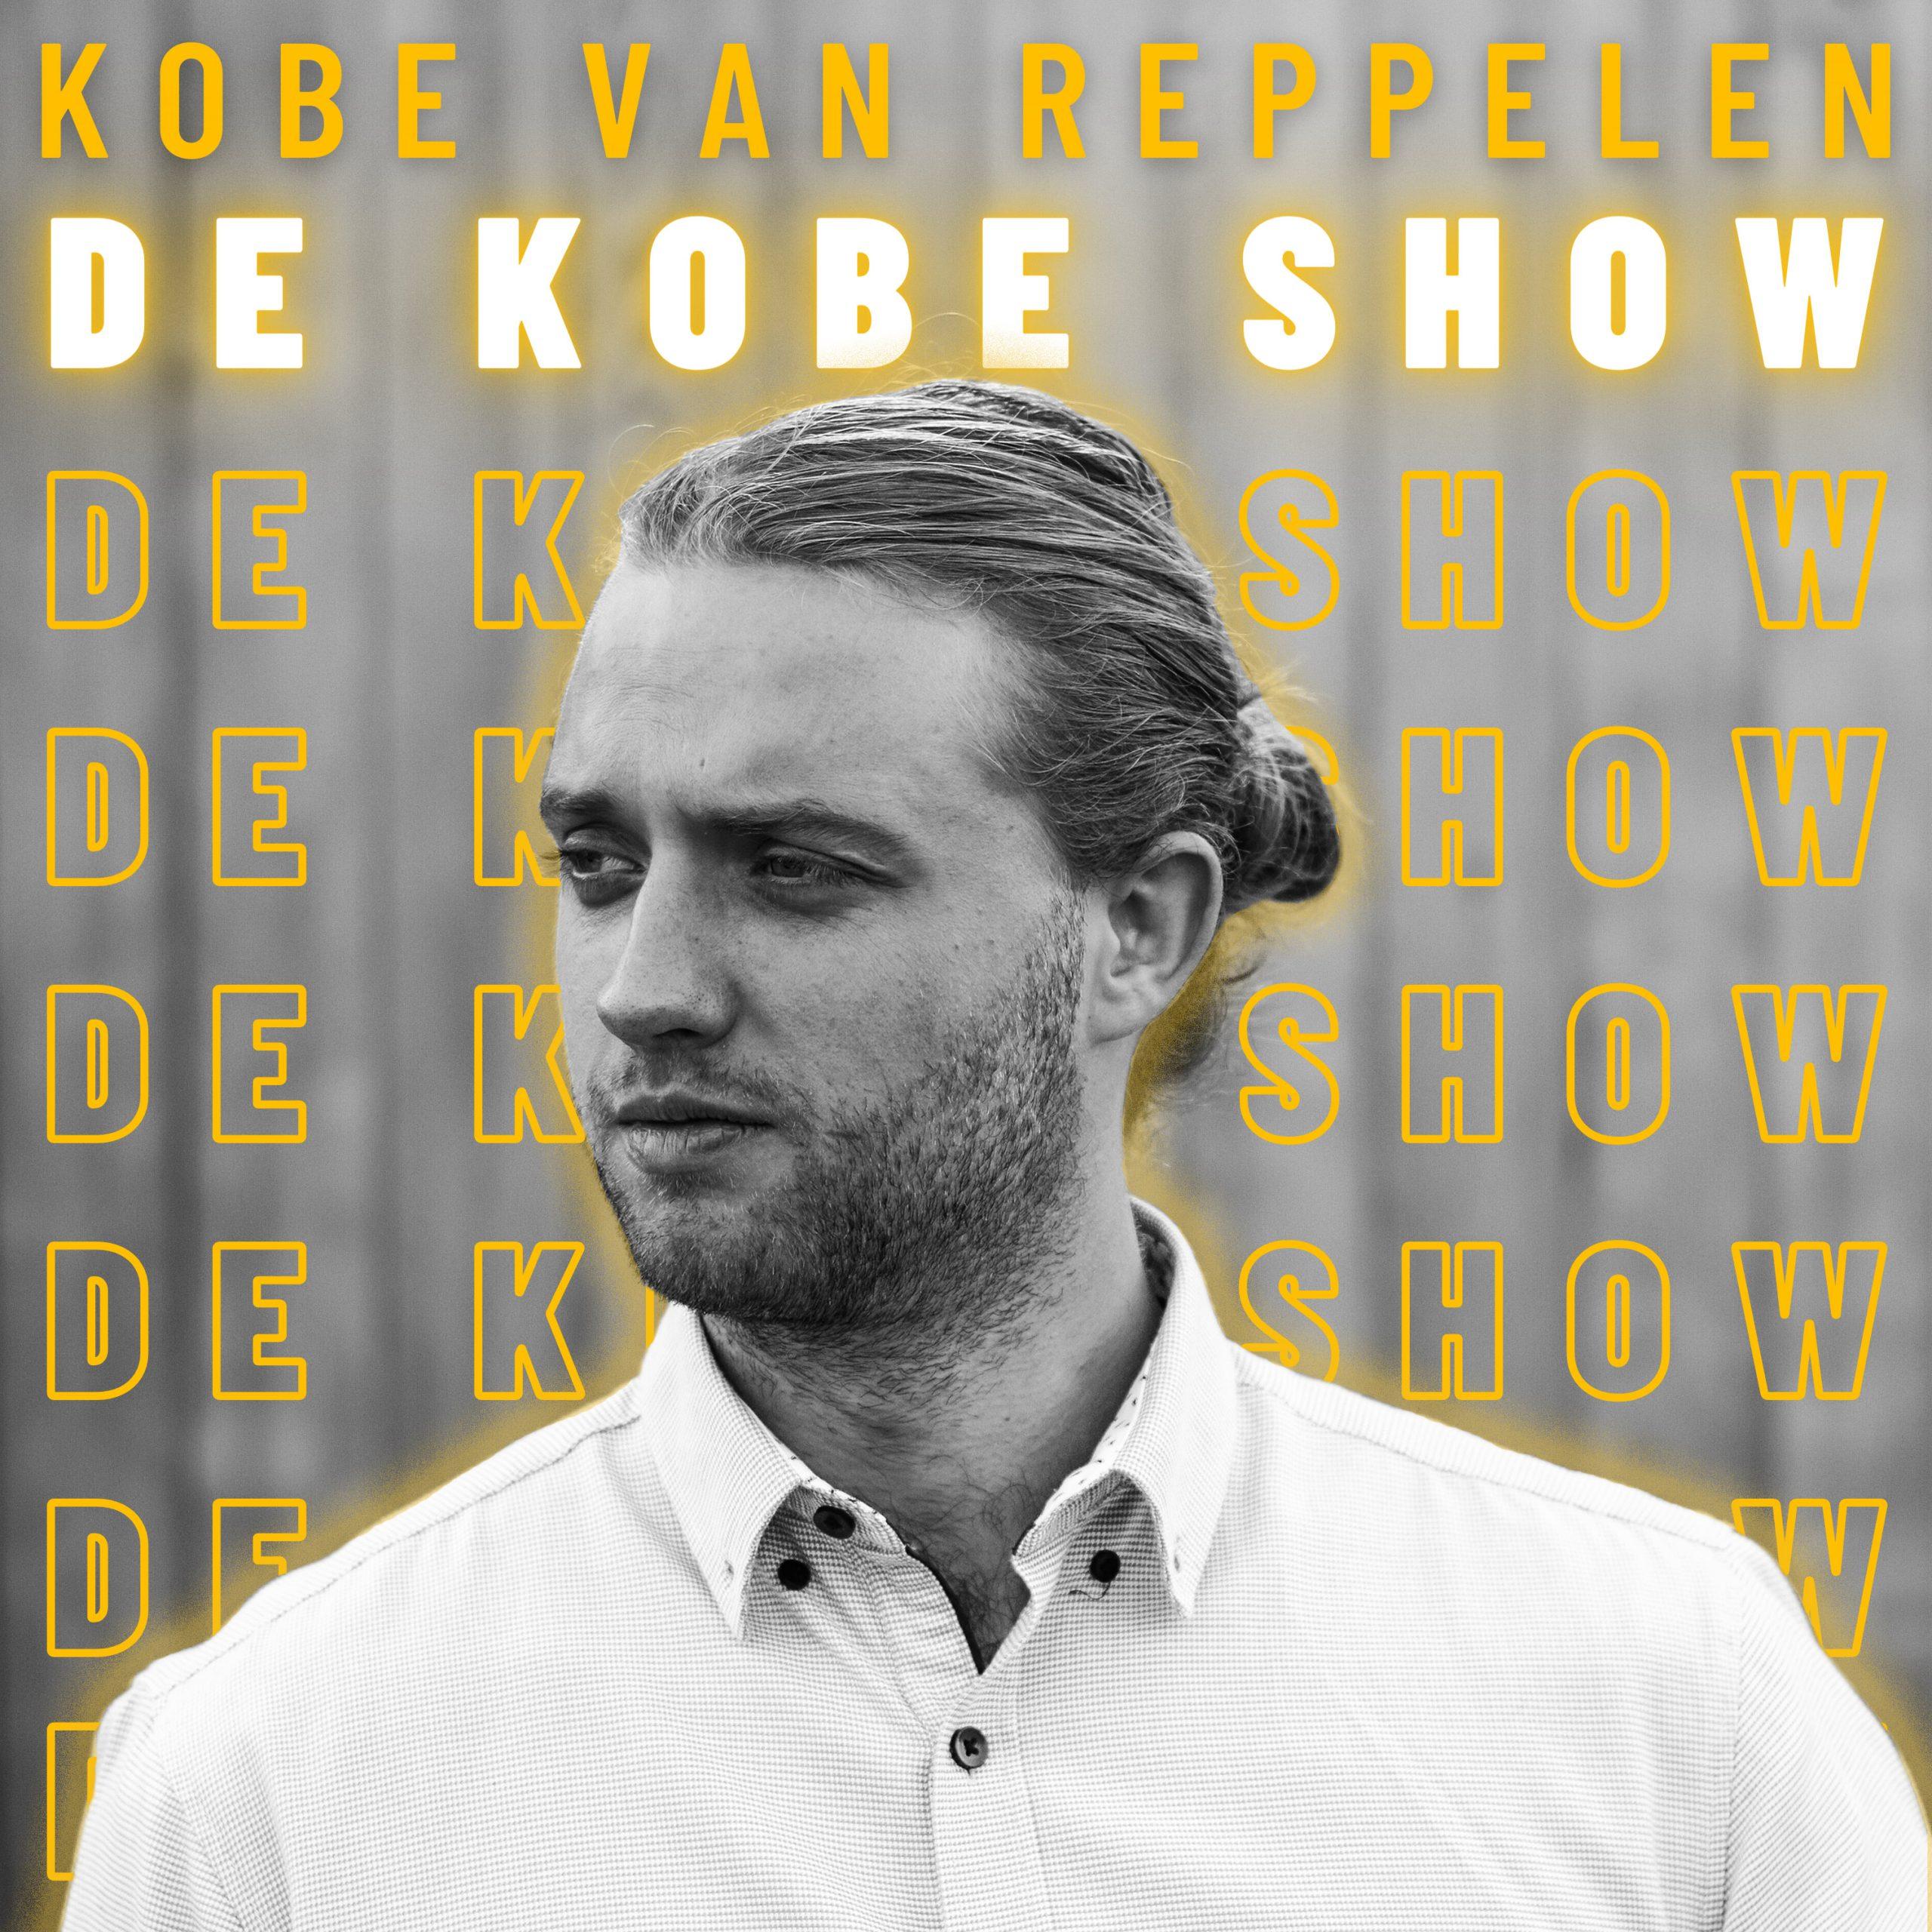 De Kobe Show logo